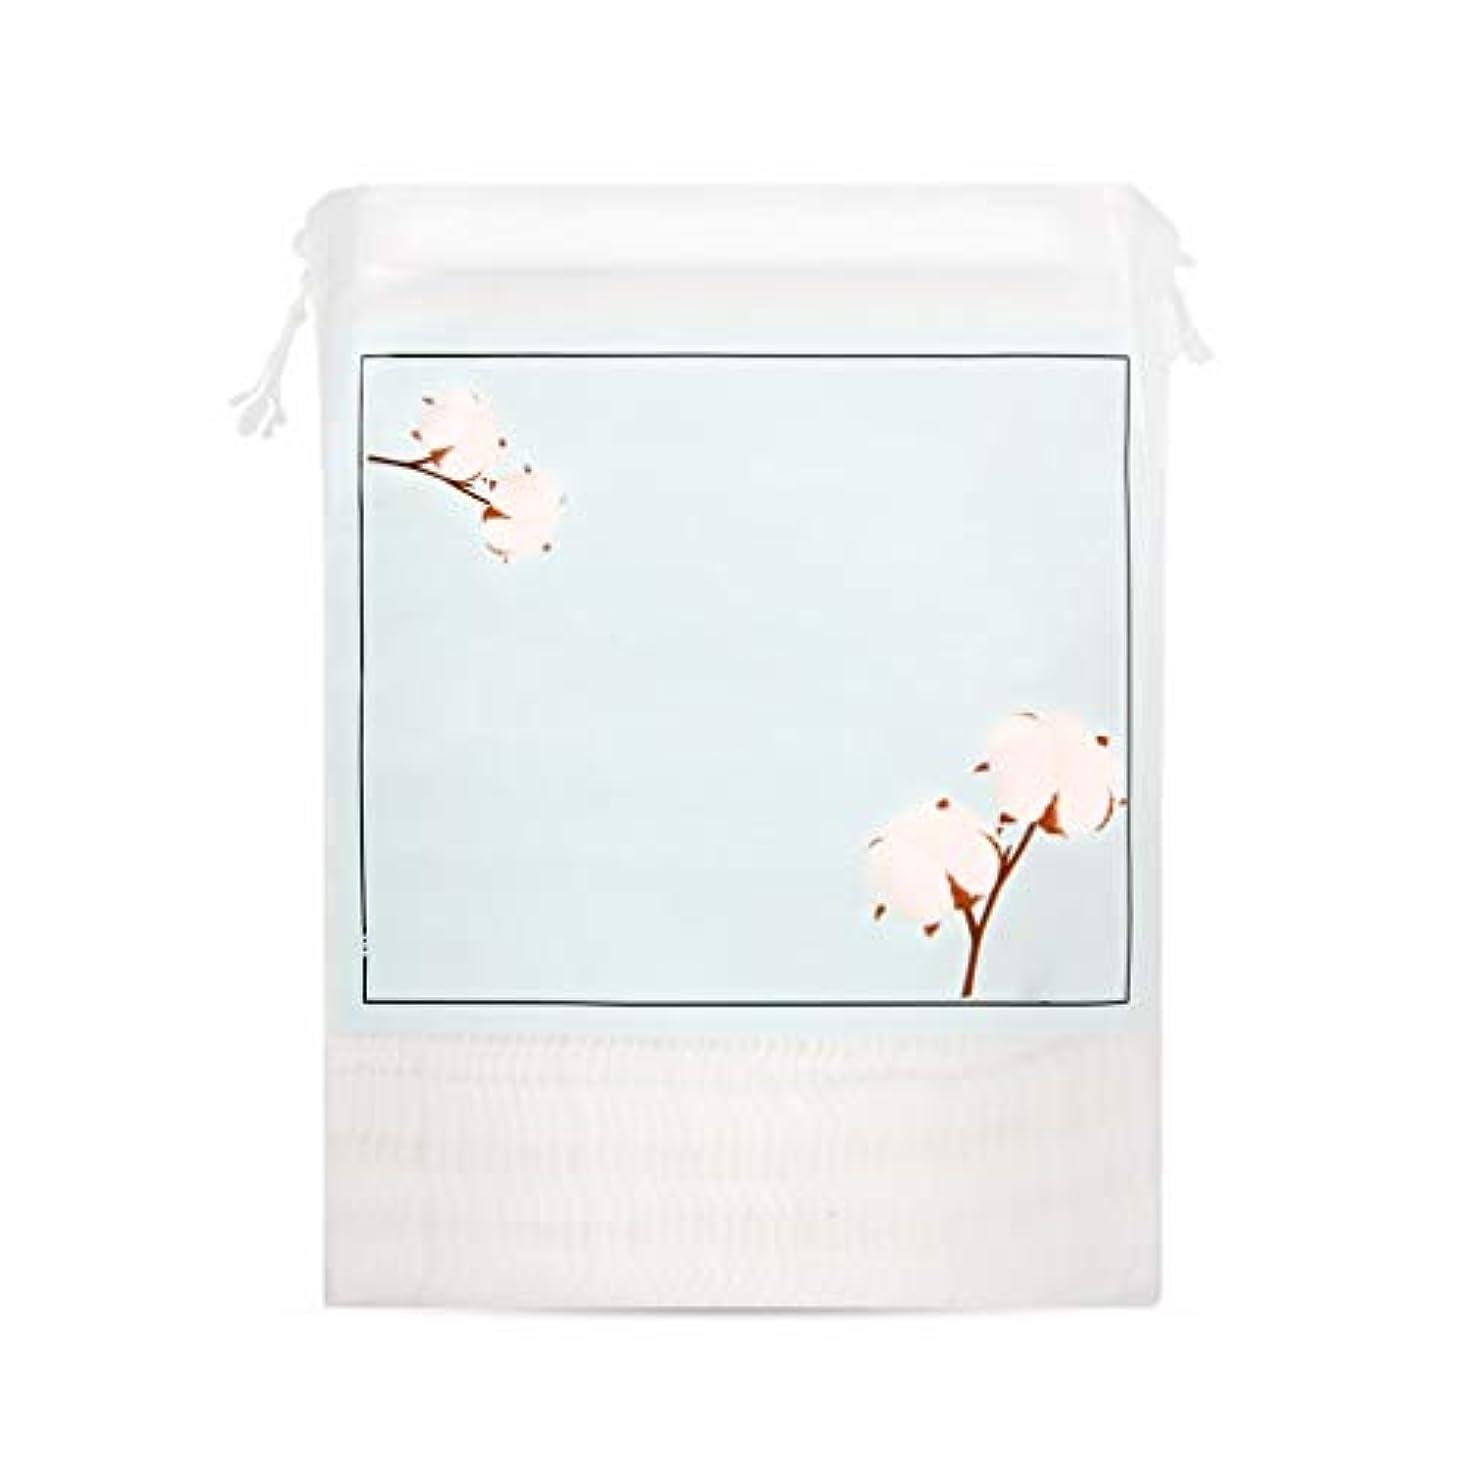 乳剤世界の窓テストクレンジングシート クレンジングコットンリムーバーフェイスクレンジングウェット厚手の両面コットンパッド200枚 (Color : Blue)